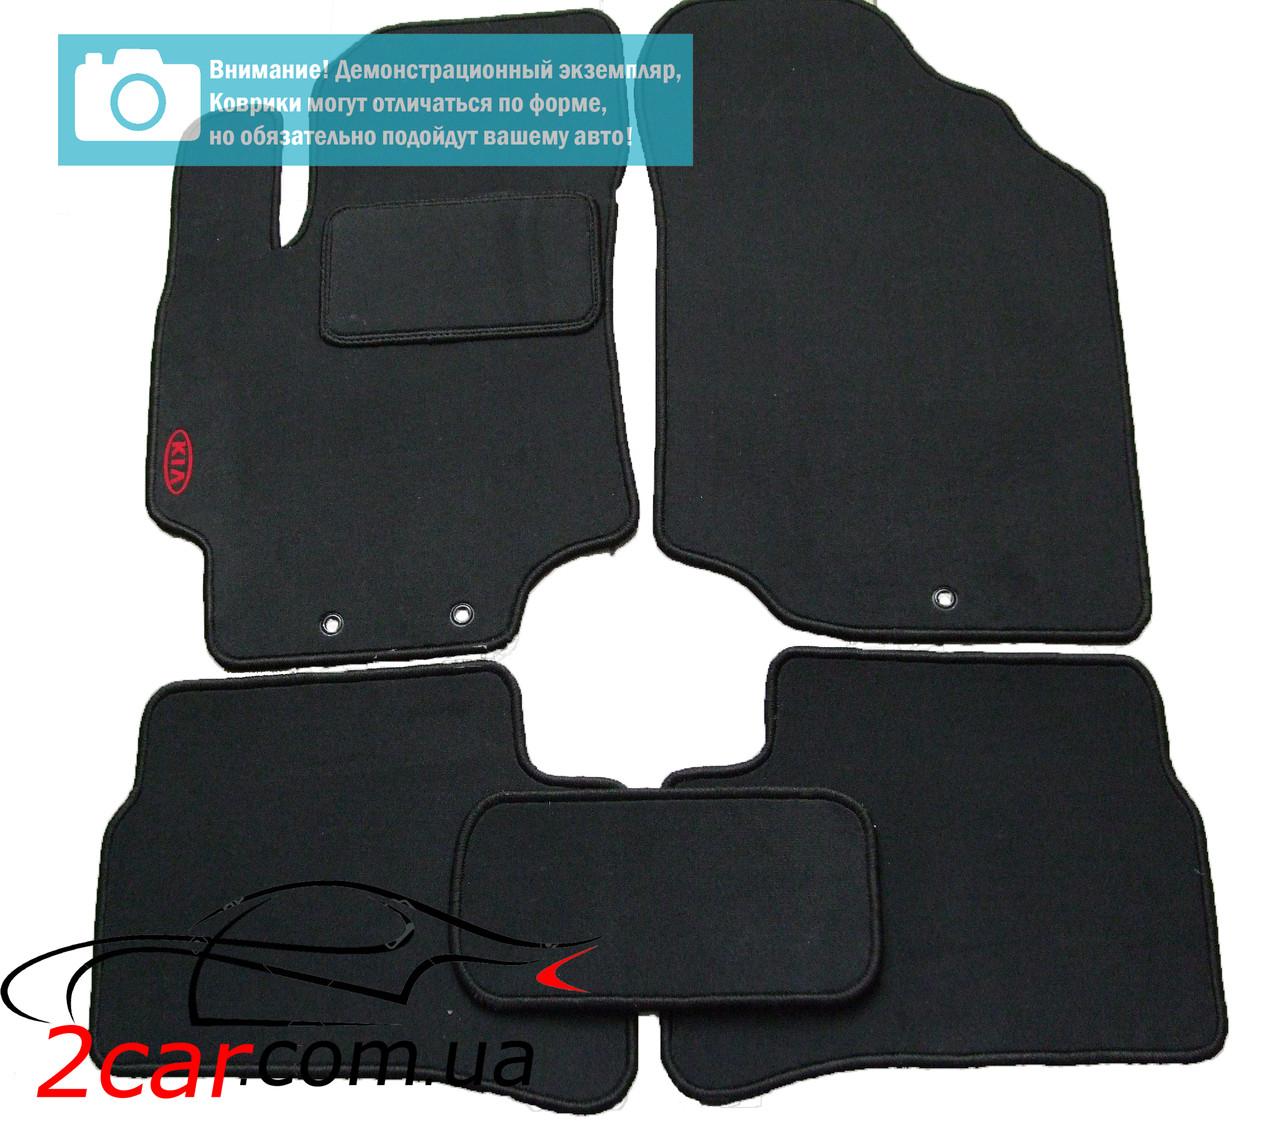 Текстильные коврики в салон для Kia Cerato Koup (2008-) (чёрный) (Stin